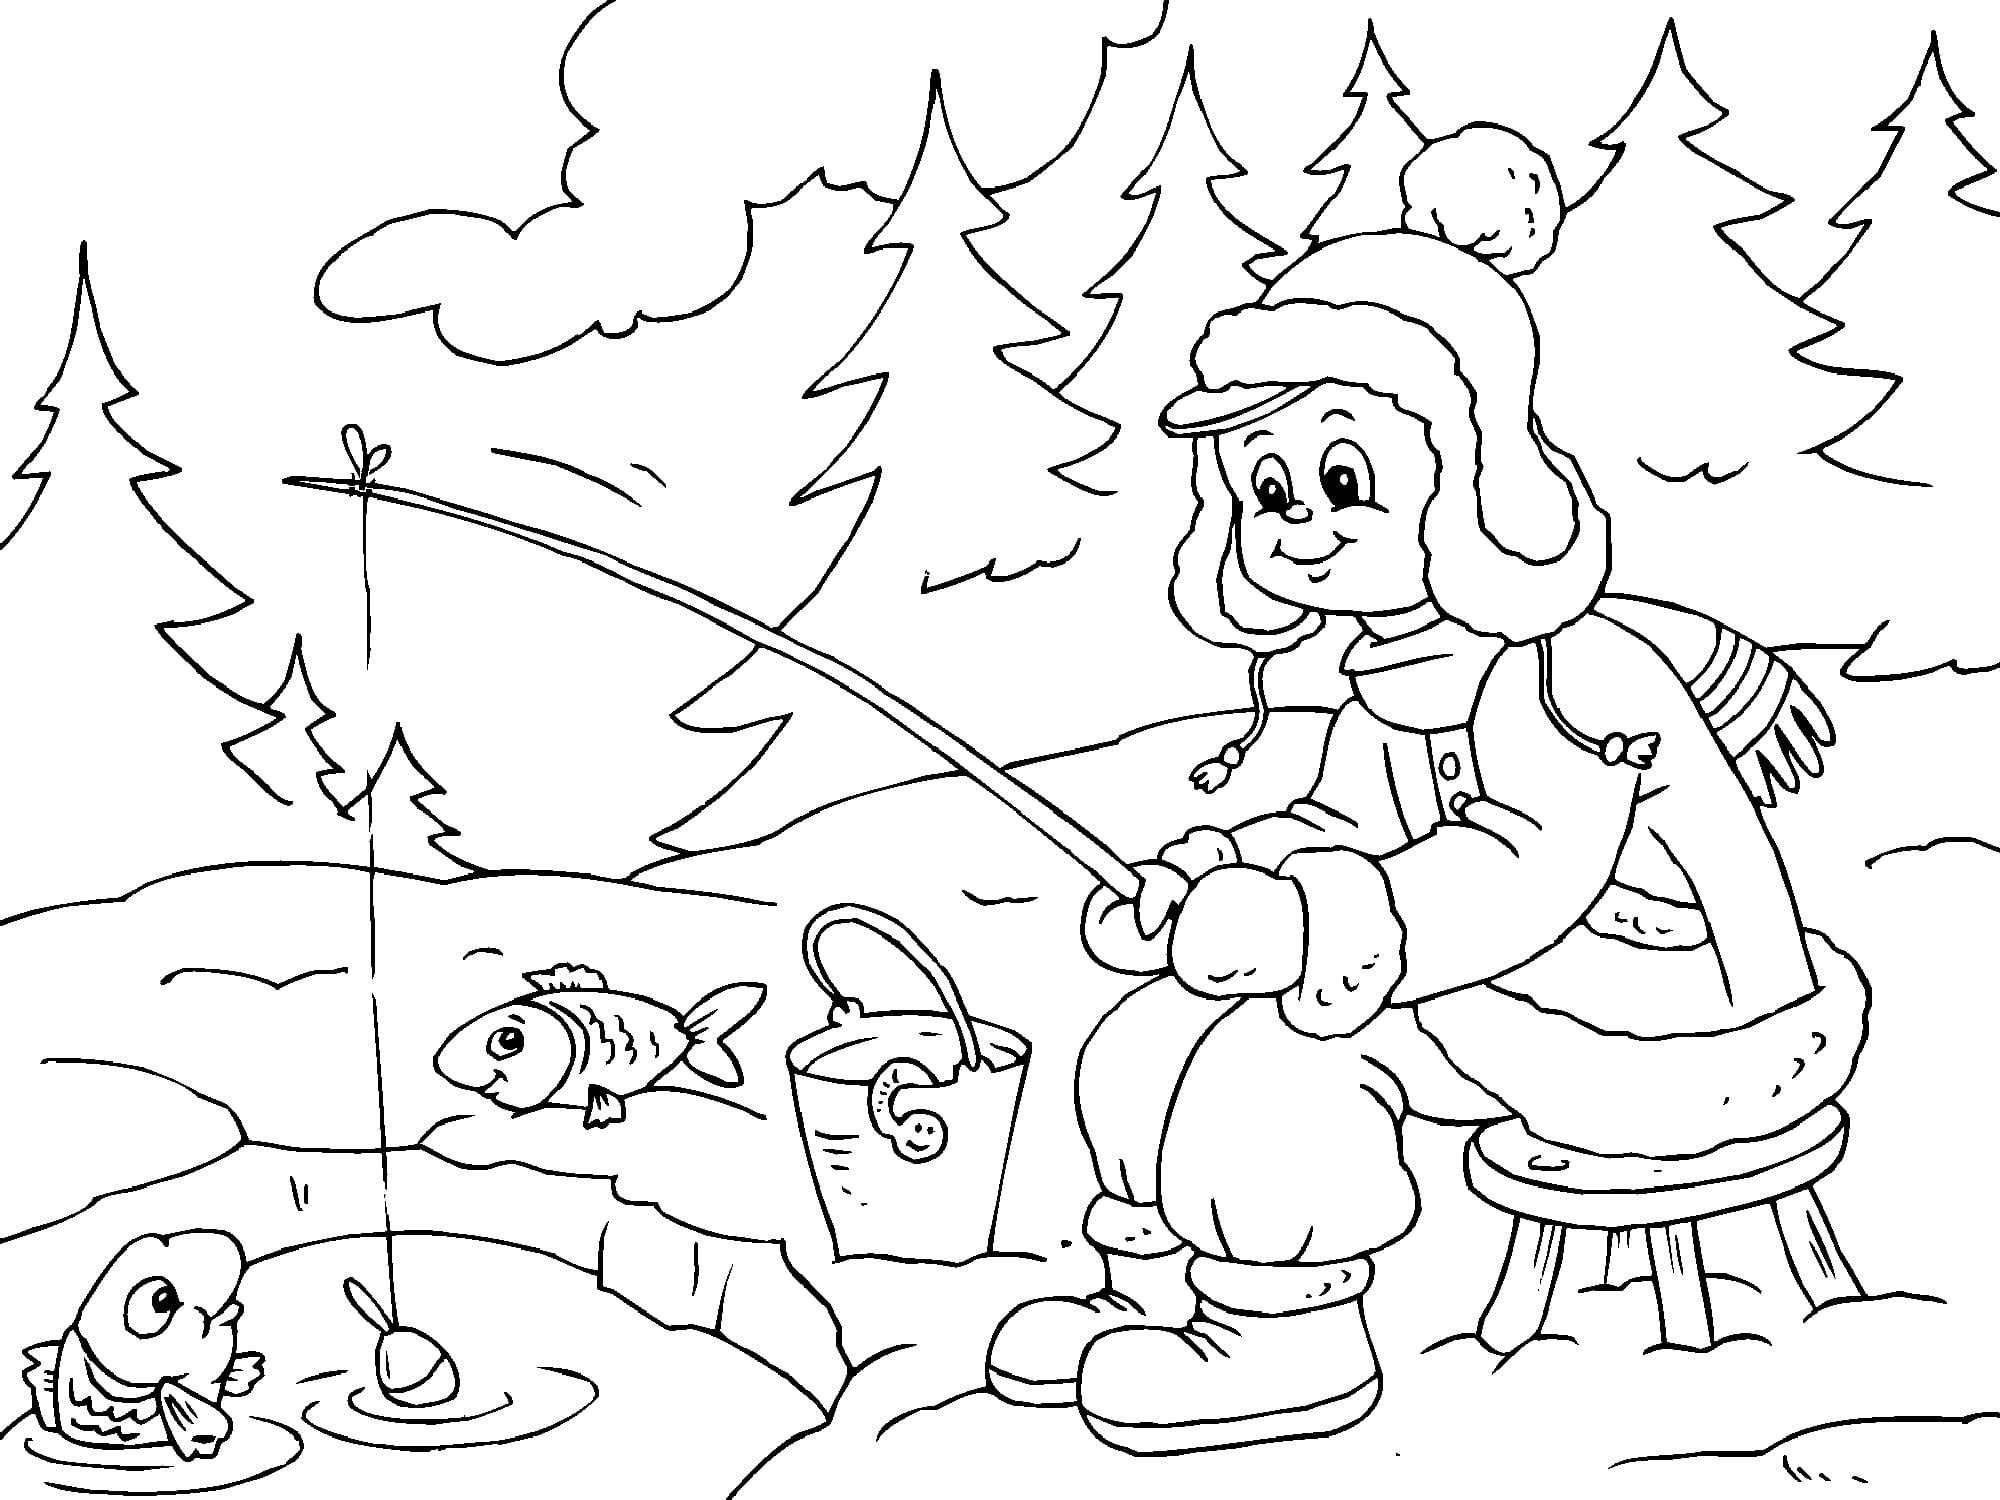 Ausmalbilder Winter. Kostenlos Drucken, 100 Bilder innen Ausmalbild Winter